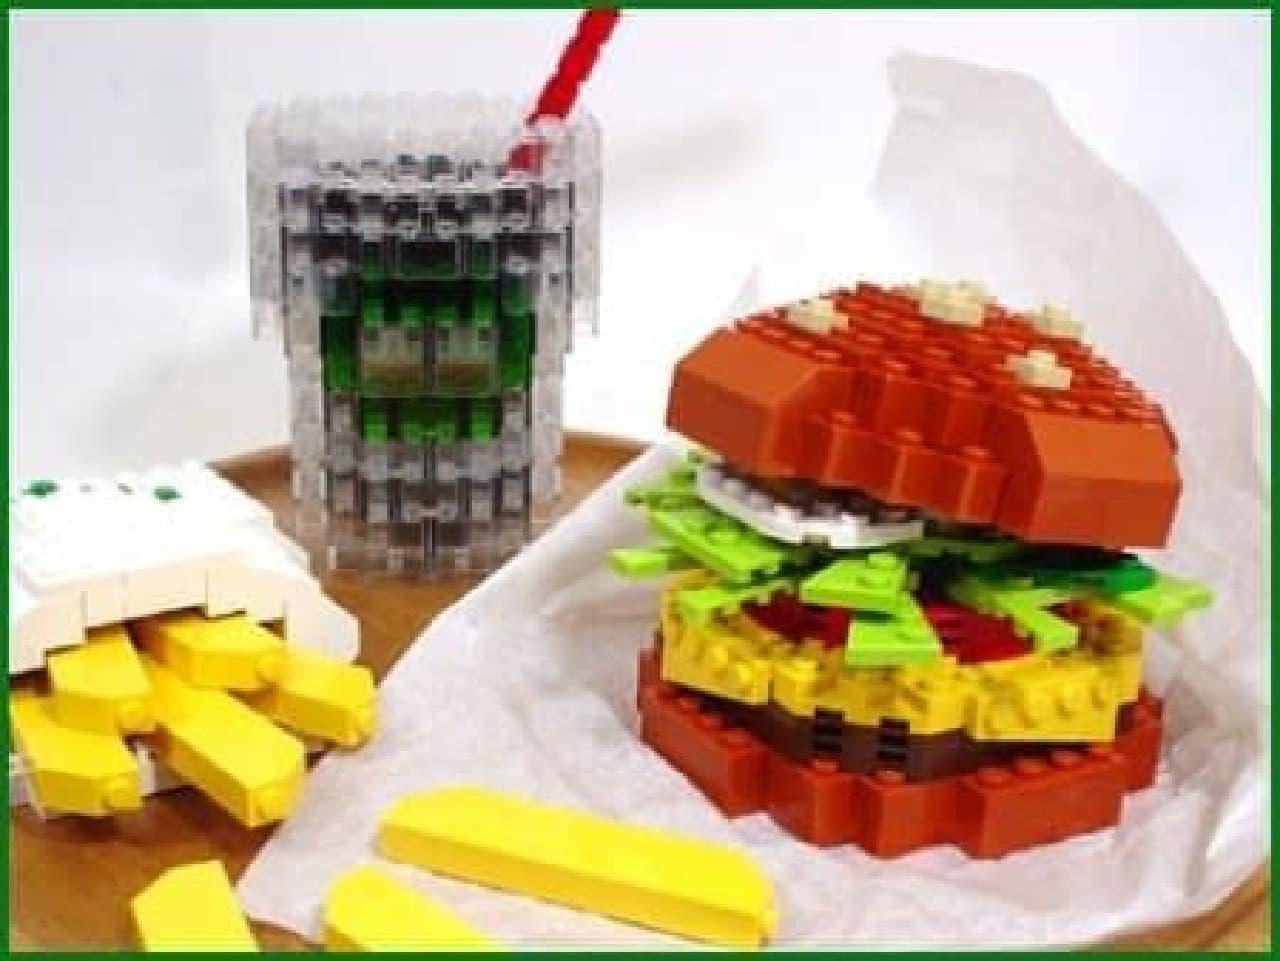 ポテトとジュースもセットで  (出典:Let's LEGO)